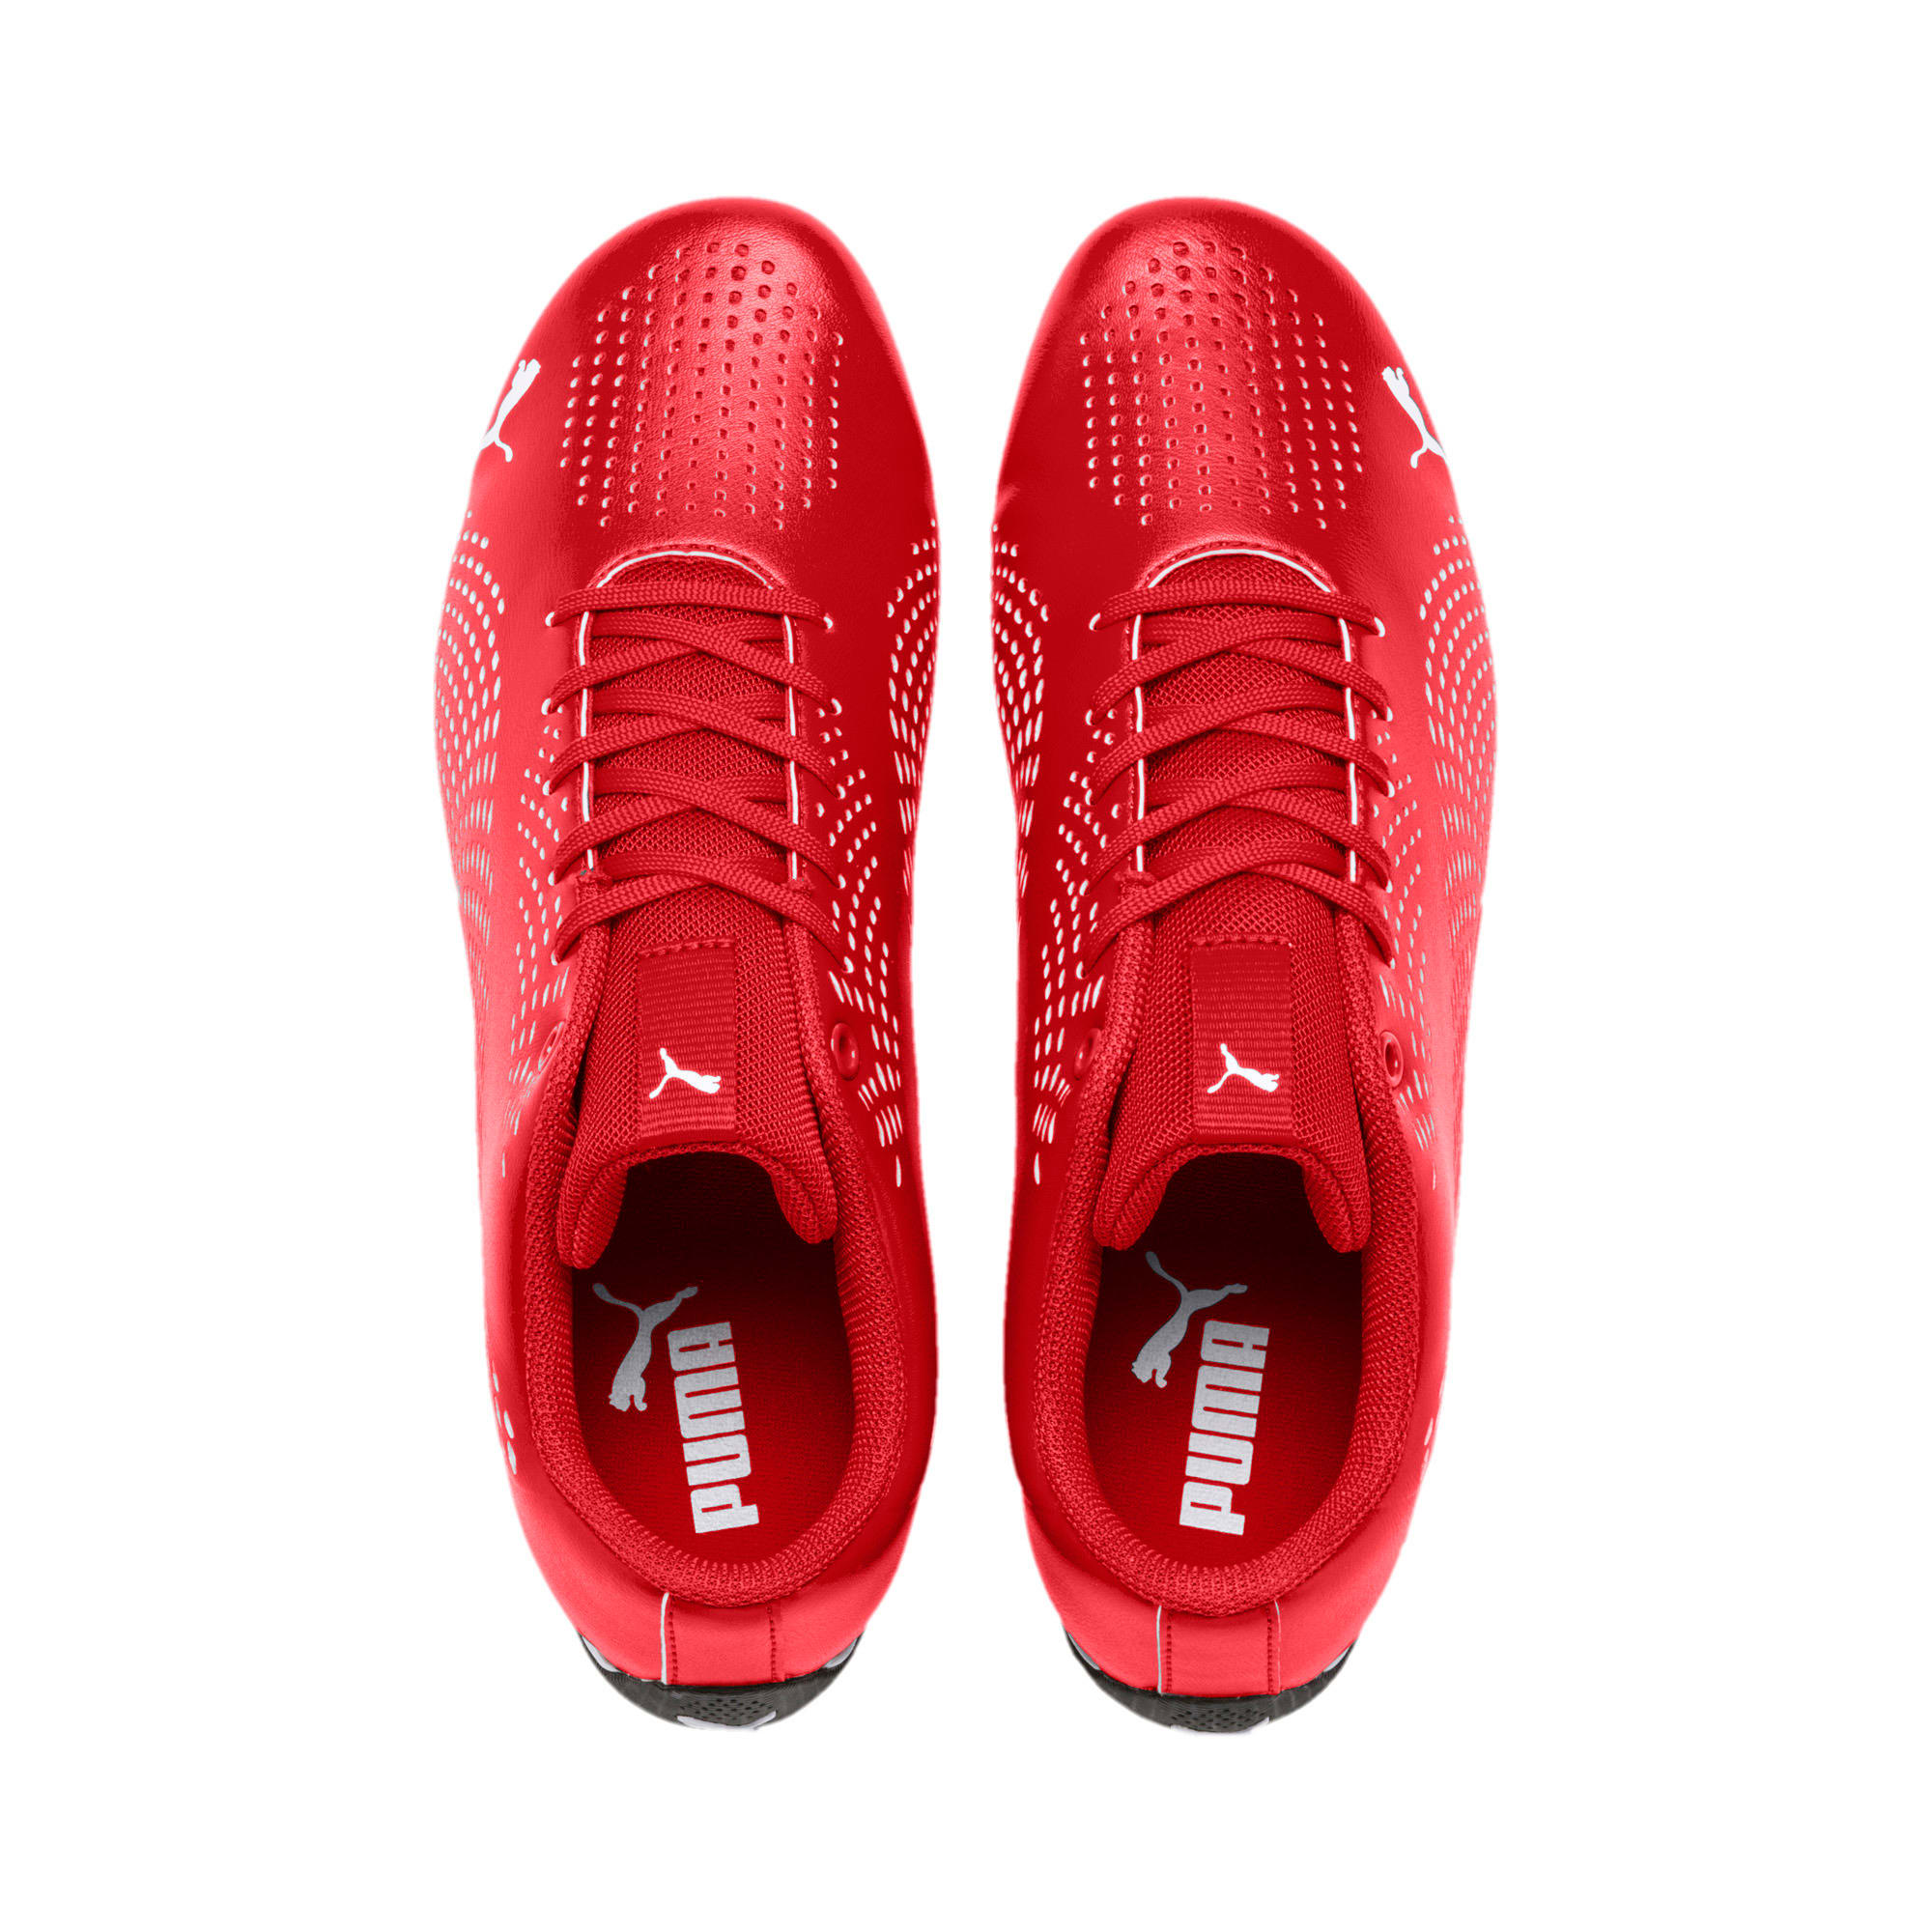 Miniatura 7 de Zapatos Scuderia Ferrari Drift Cat 5 Ultra II, Rosso Corsa-Puma White, mediano